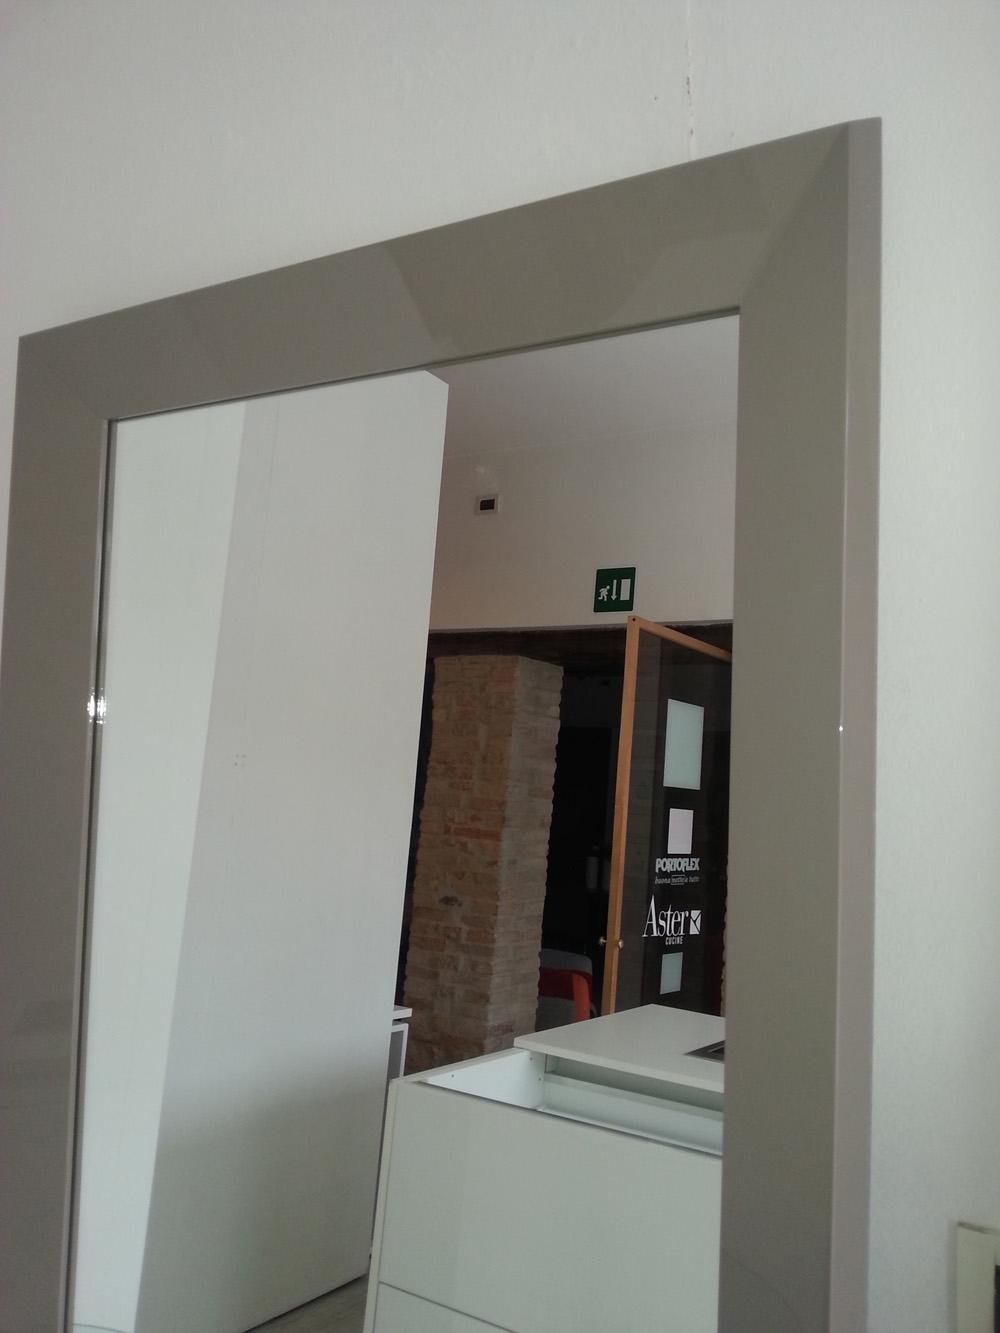 Complemento specchio design laccato lucido specchi for Outlet arredamento vicenza